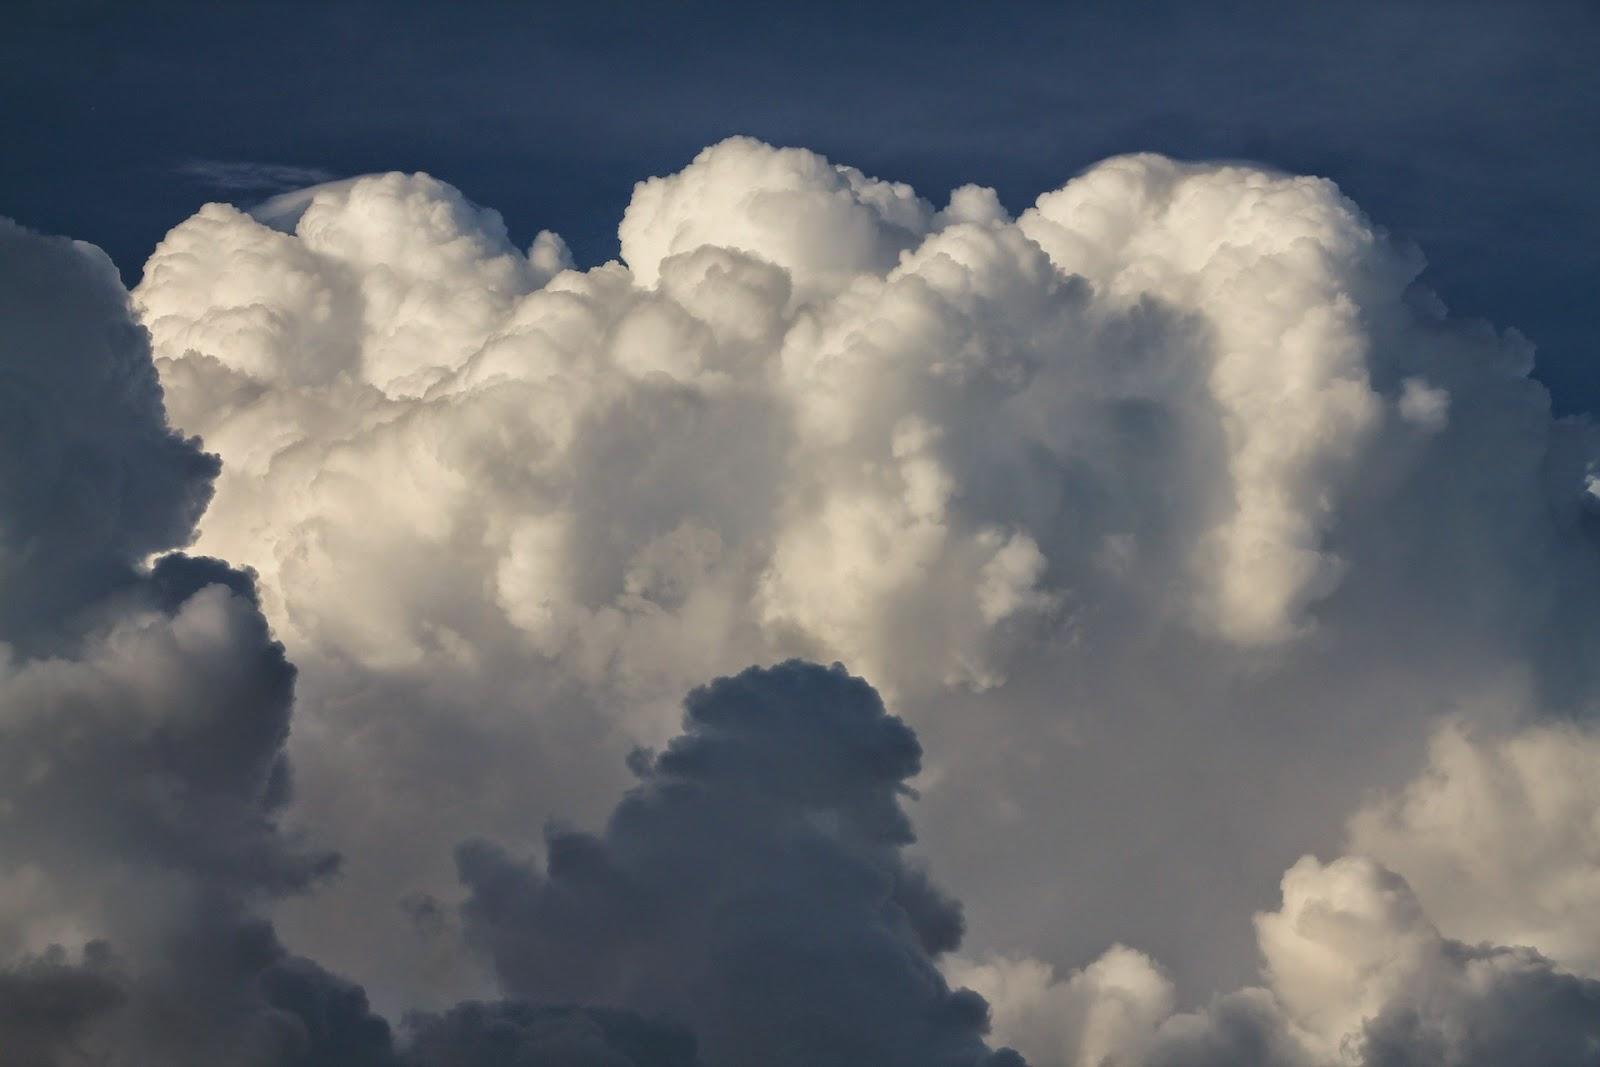 Πώς μπορούμε να κατασκευάσουμε ένα σύννεφο σε μια γυάλα με απλά υλικά;